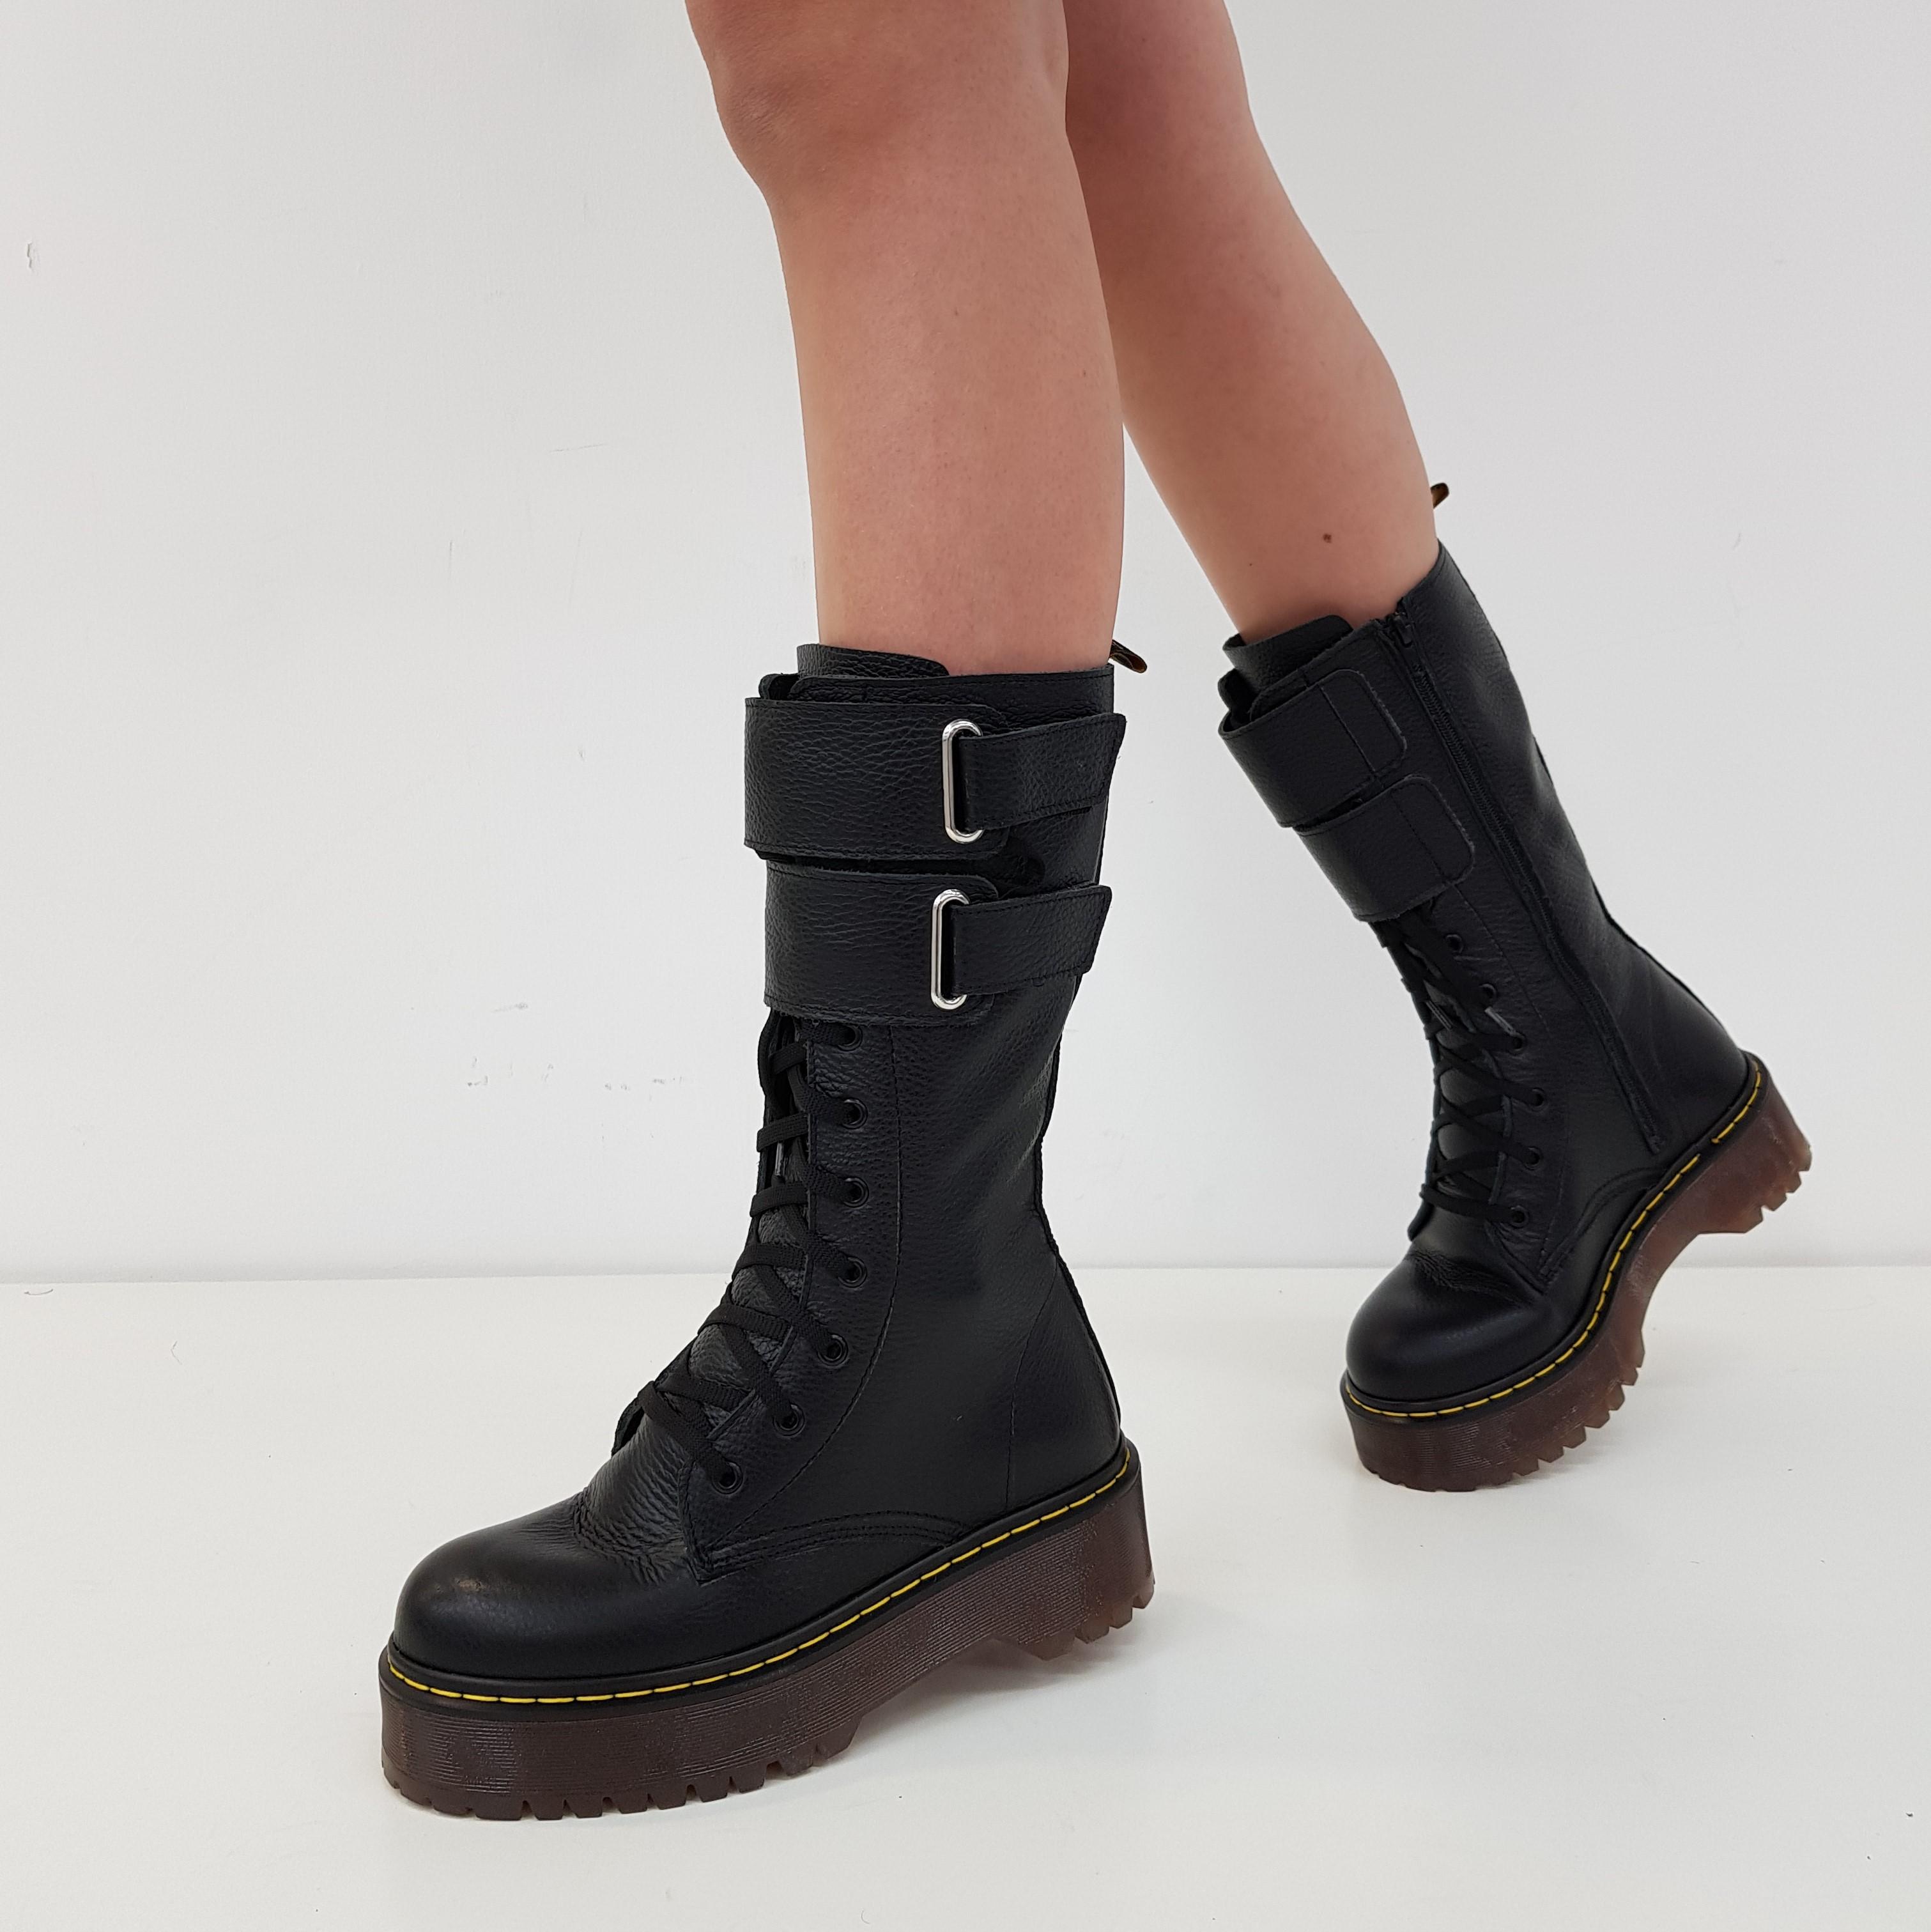 Stivali lacci pelle nero oxford limited - Lia diva calzature ...